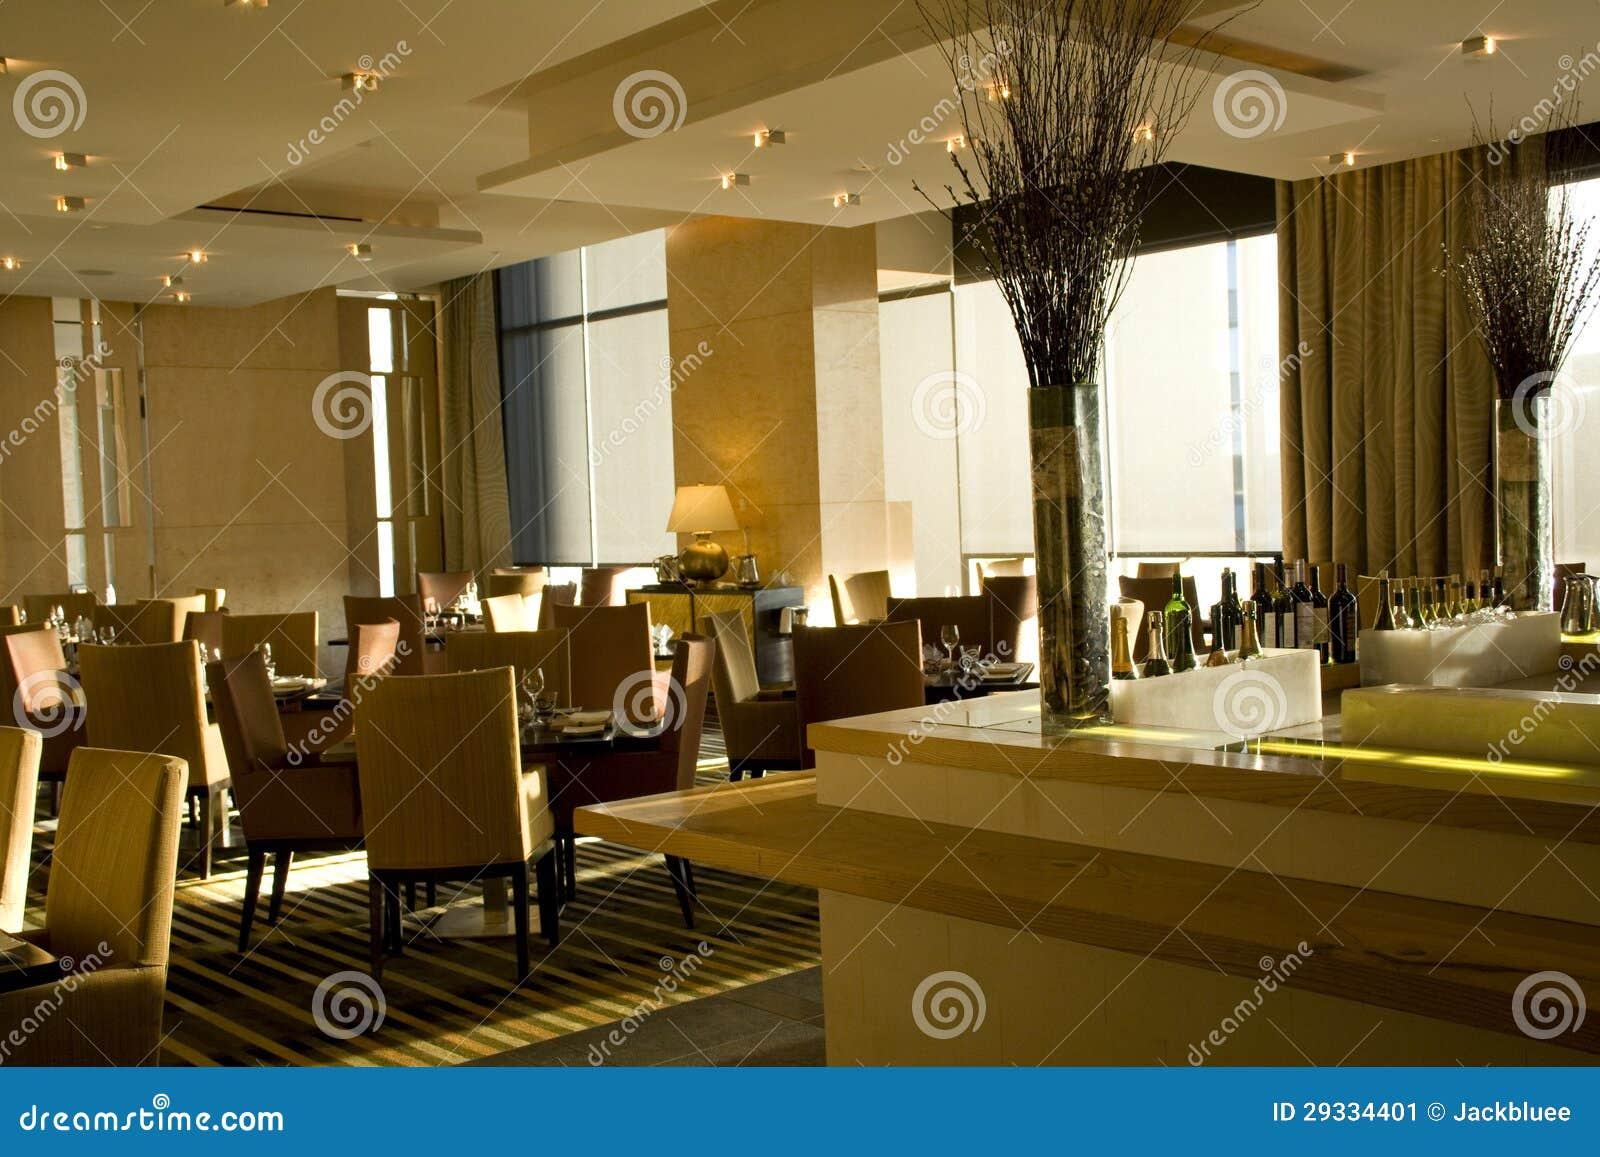 Interiores de lujo del restaurante de la barra imagen de - Interiores de restaurantes ...